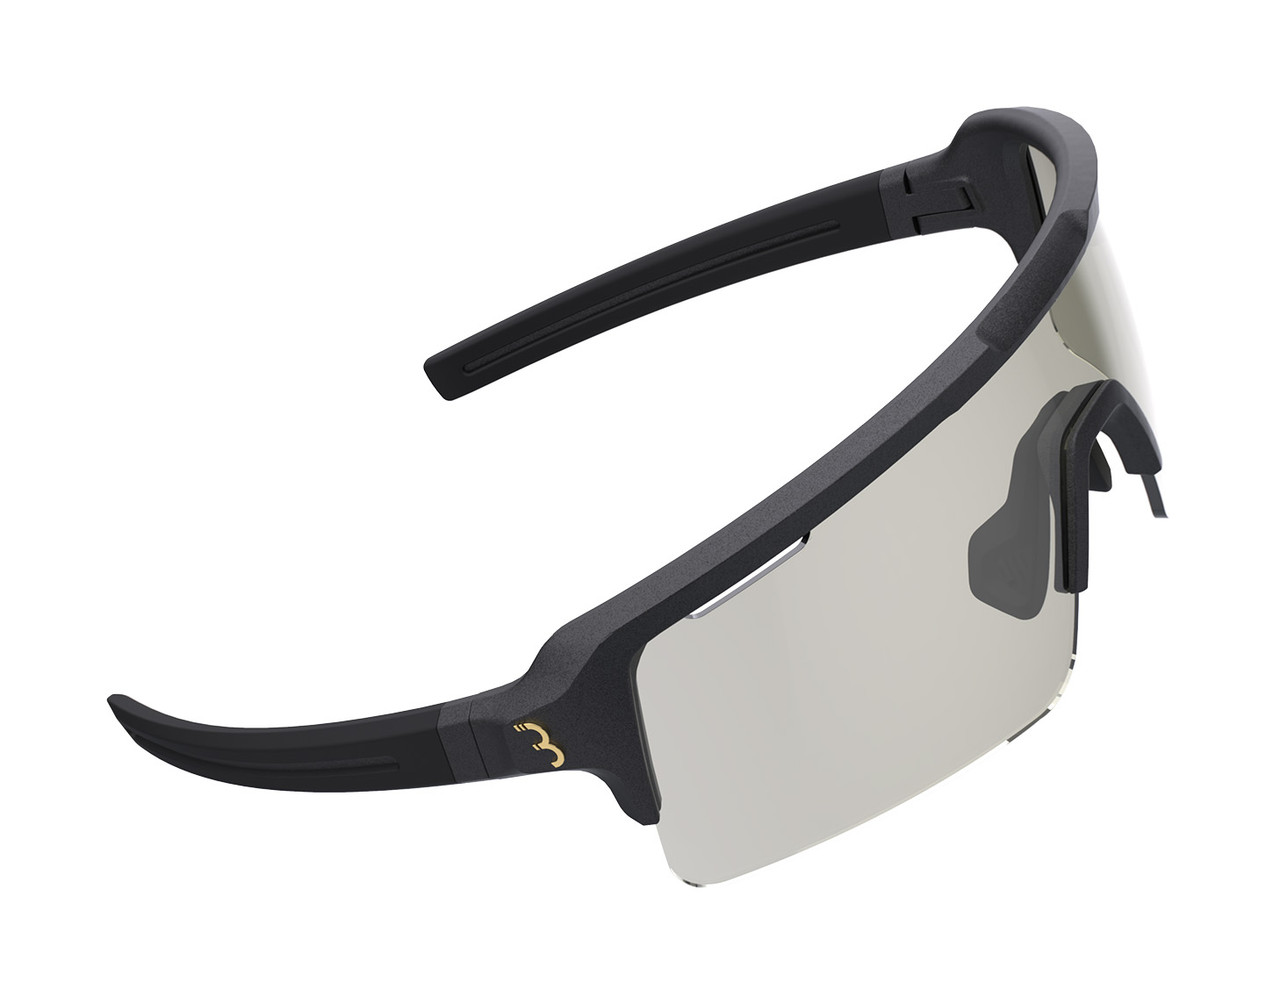 BBB Fuse Sport BSG-65PH Sunglasses Matte Metallic Black/Photochromic Lens RRP £89